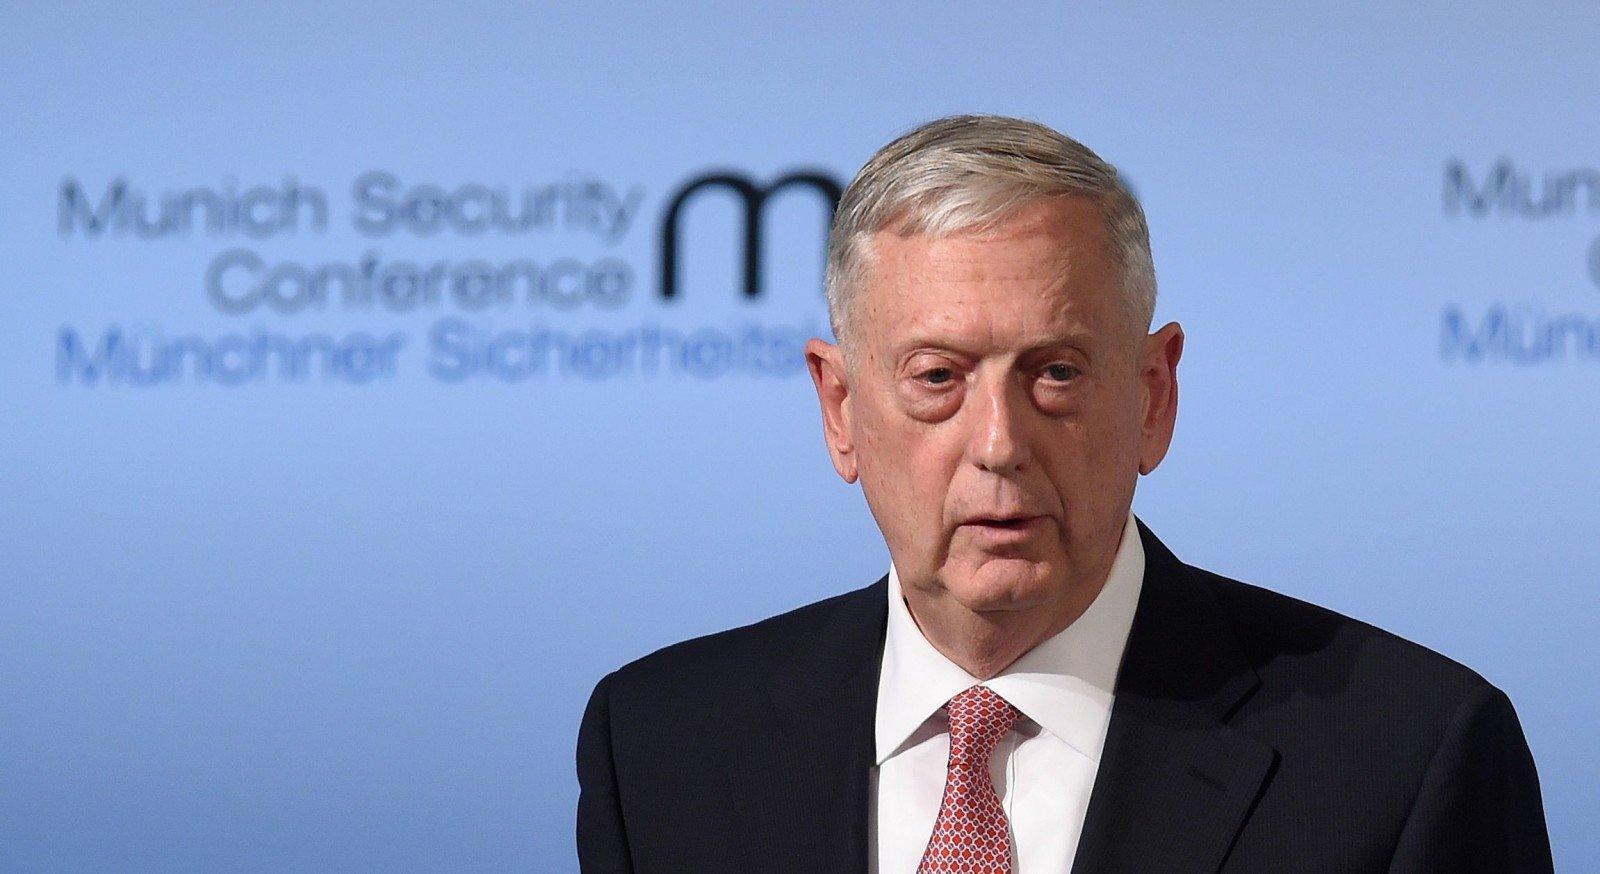 США обеспокоены возможным взаимодействием РФ сдвижением «Талибан» вАфганистане